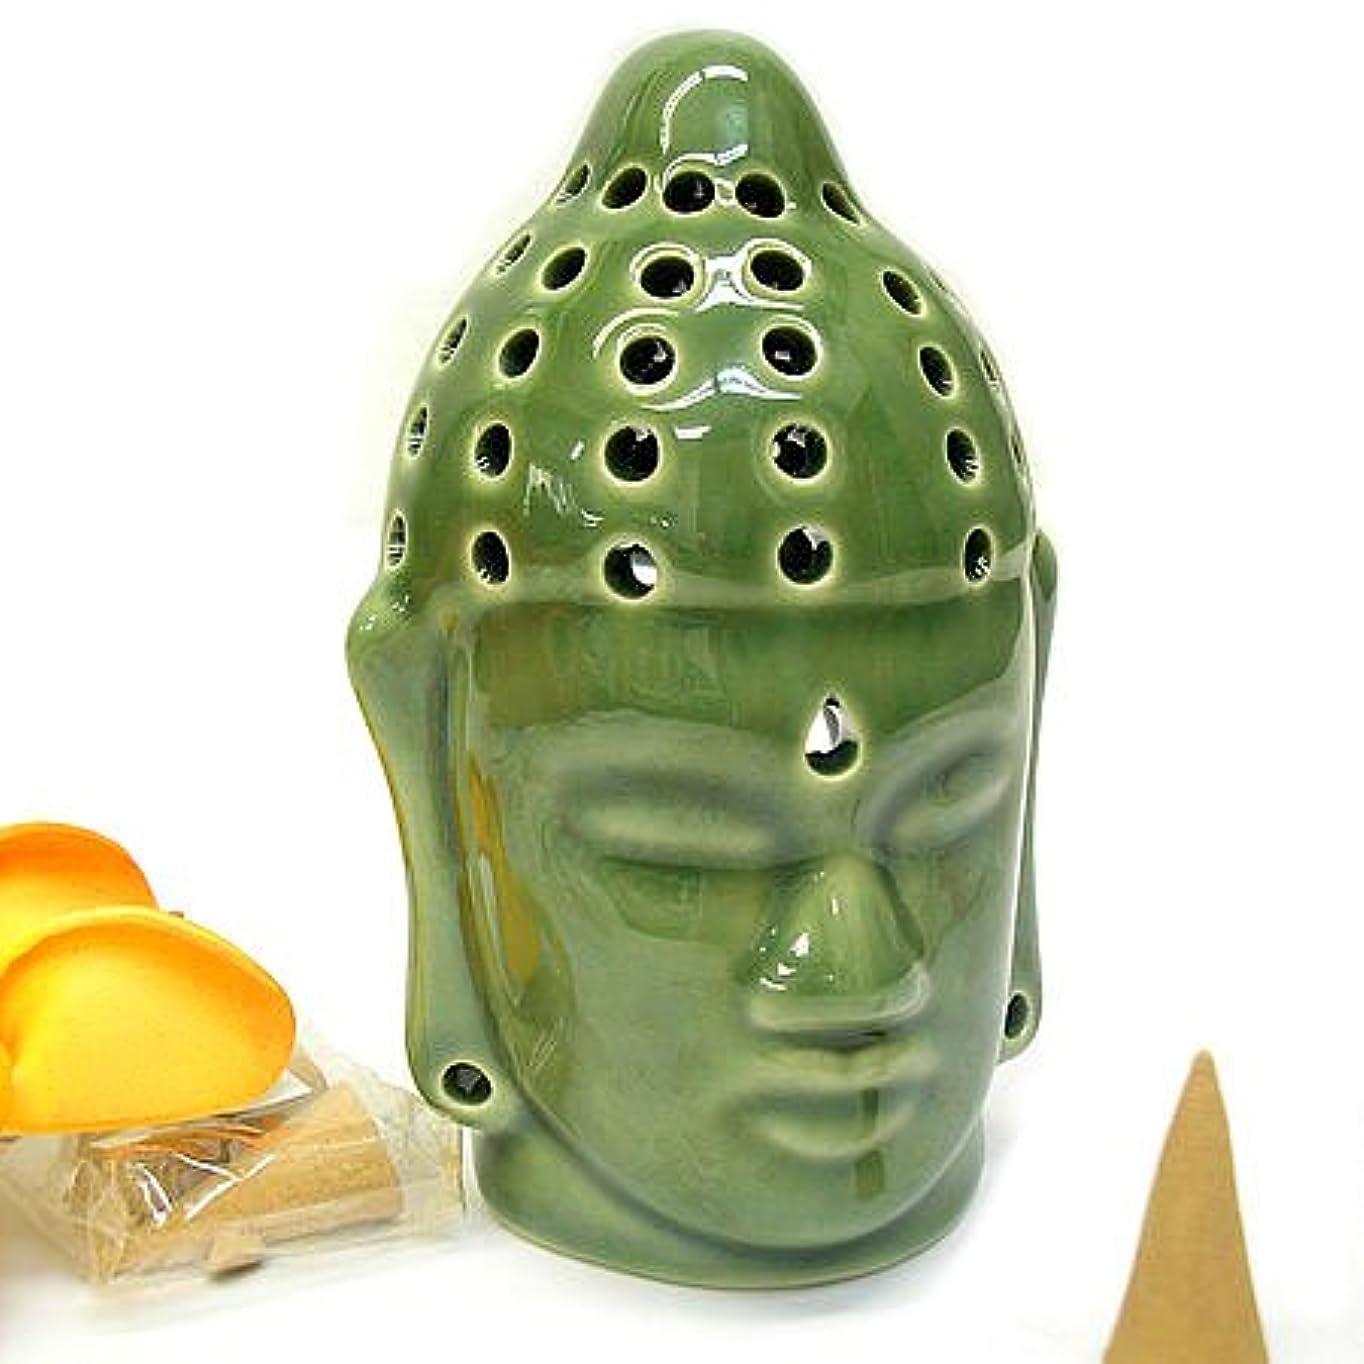 寄託に対応する文言仏陀の お香たて 香炉 コーン用 緑 インセンスホルダー コーン用 お香立て お香たて アジアン雑貨 バリ雑貨